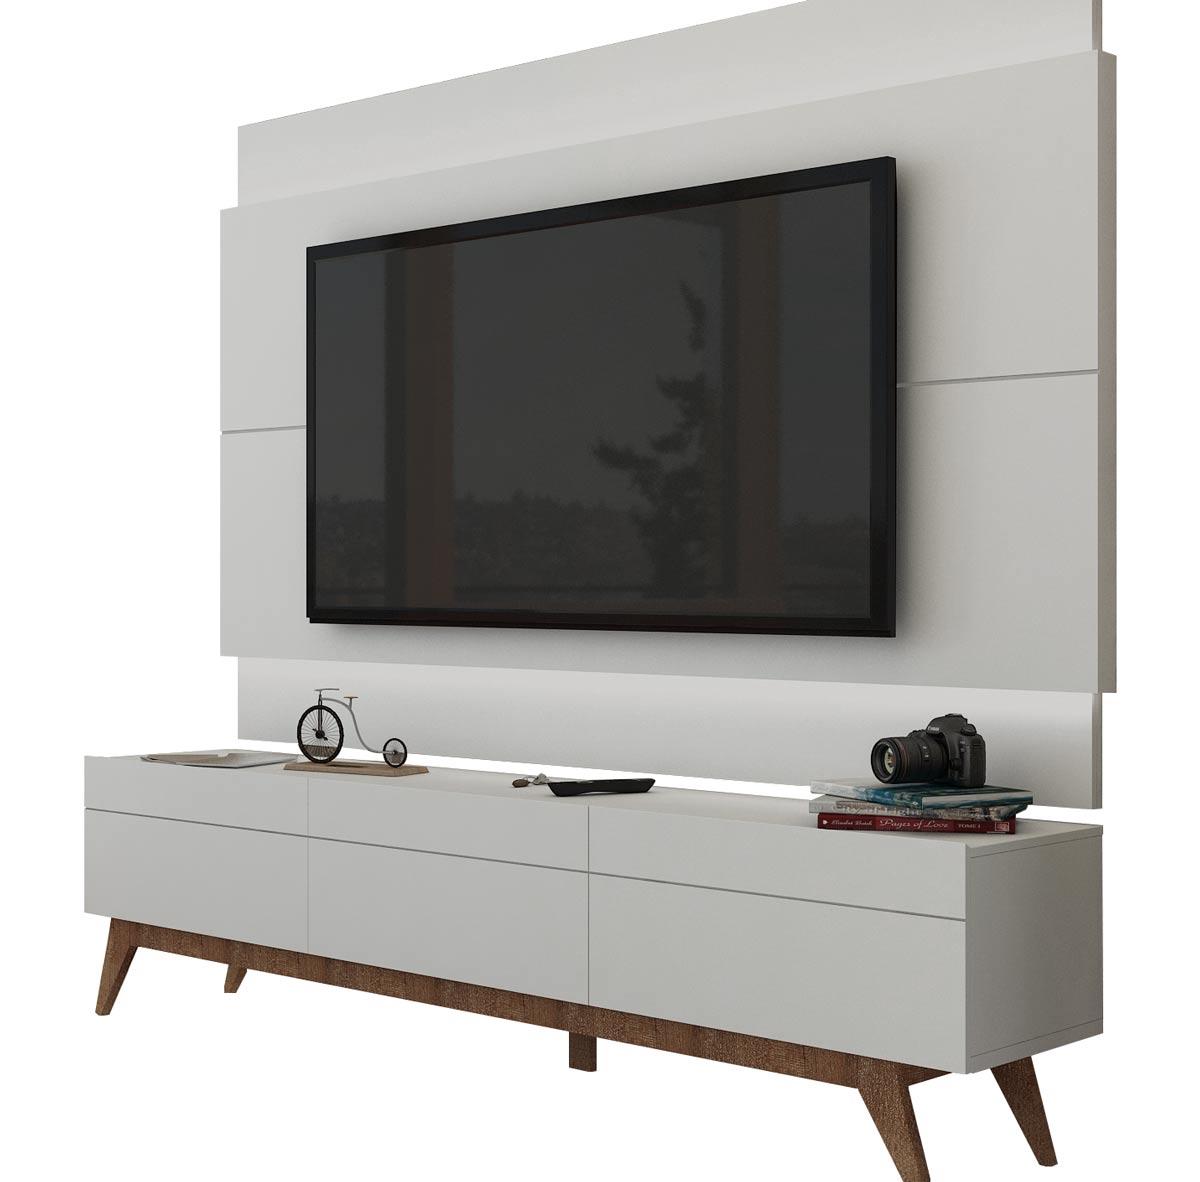 Rack com Painel Para TV 60 Polegadas Branco Classic 3G 2.2 com LED - Imcal Móveis